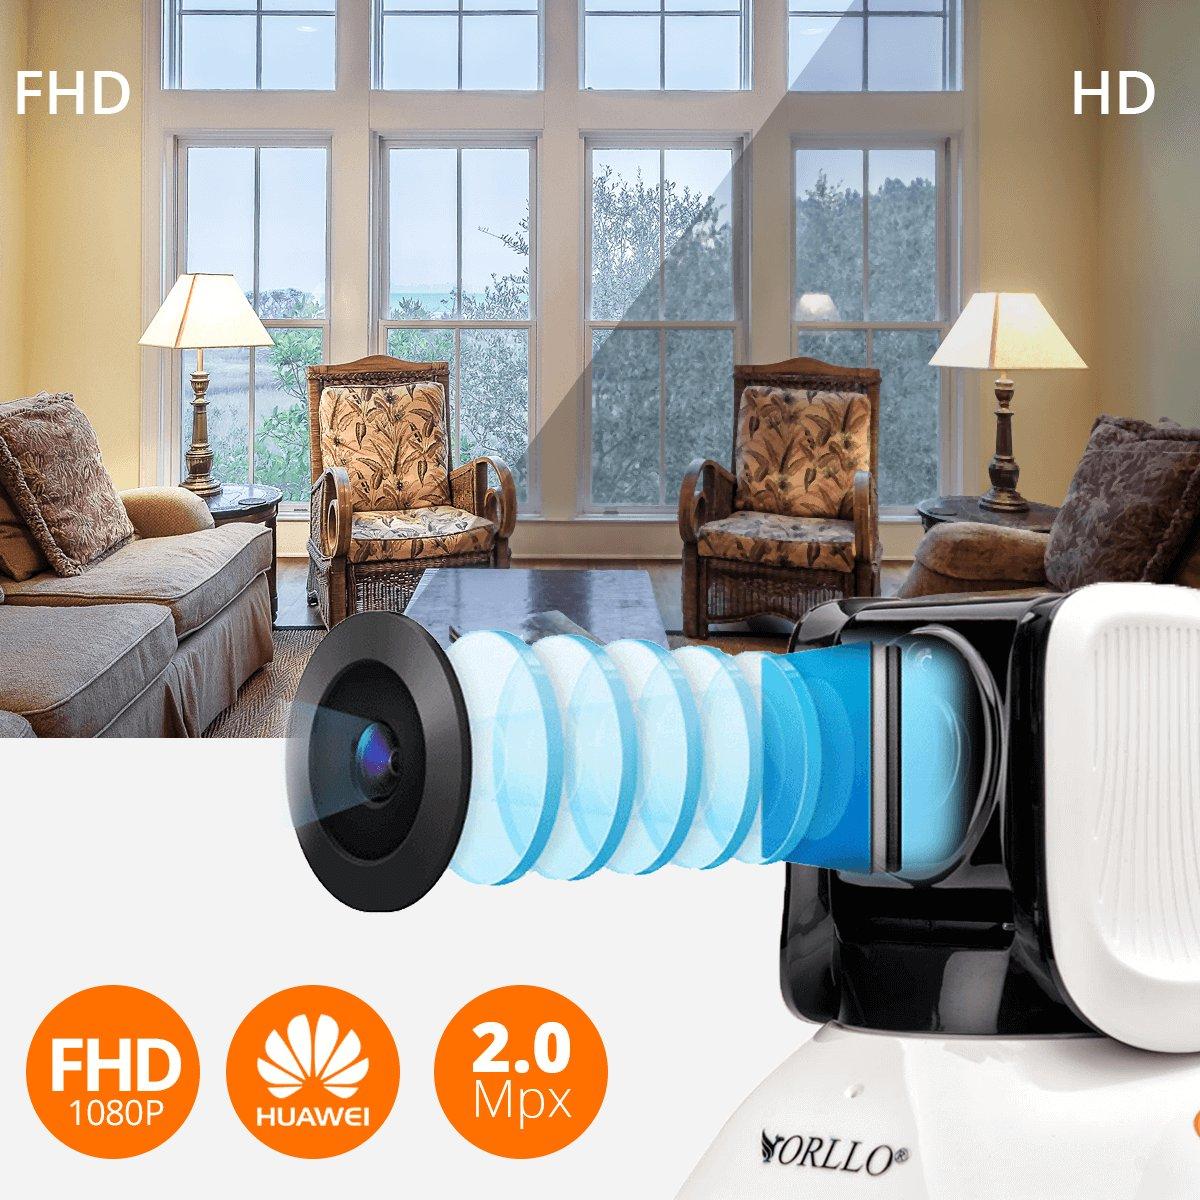 kamera mobilna monitoring mobilny fullhd hd orllo cena sklep